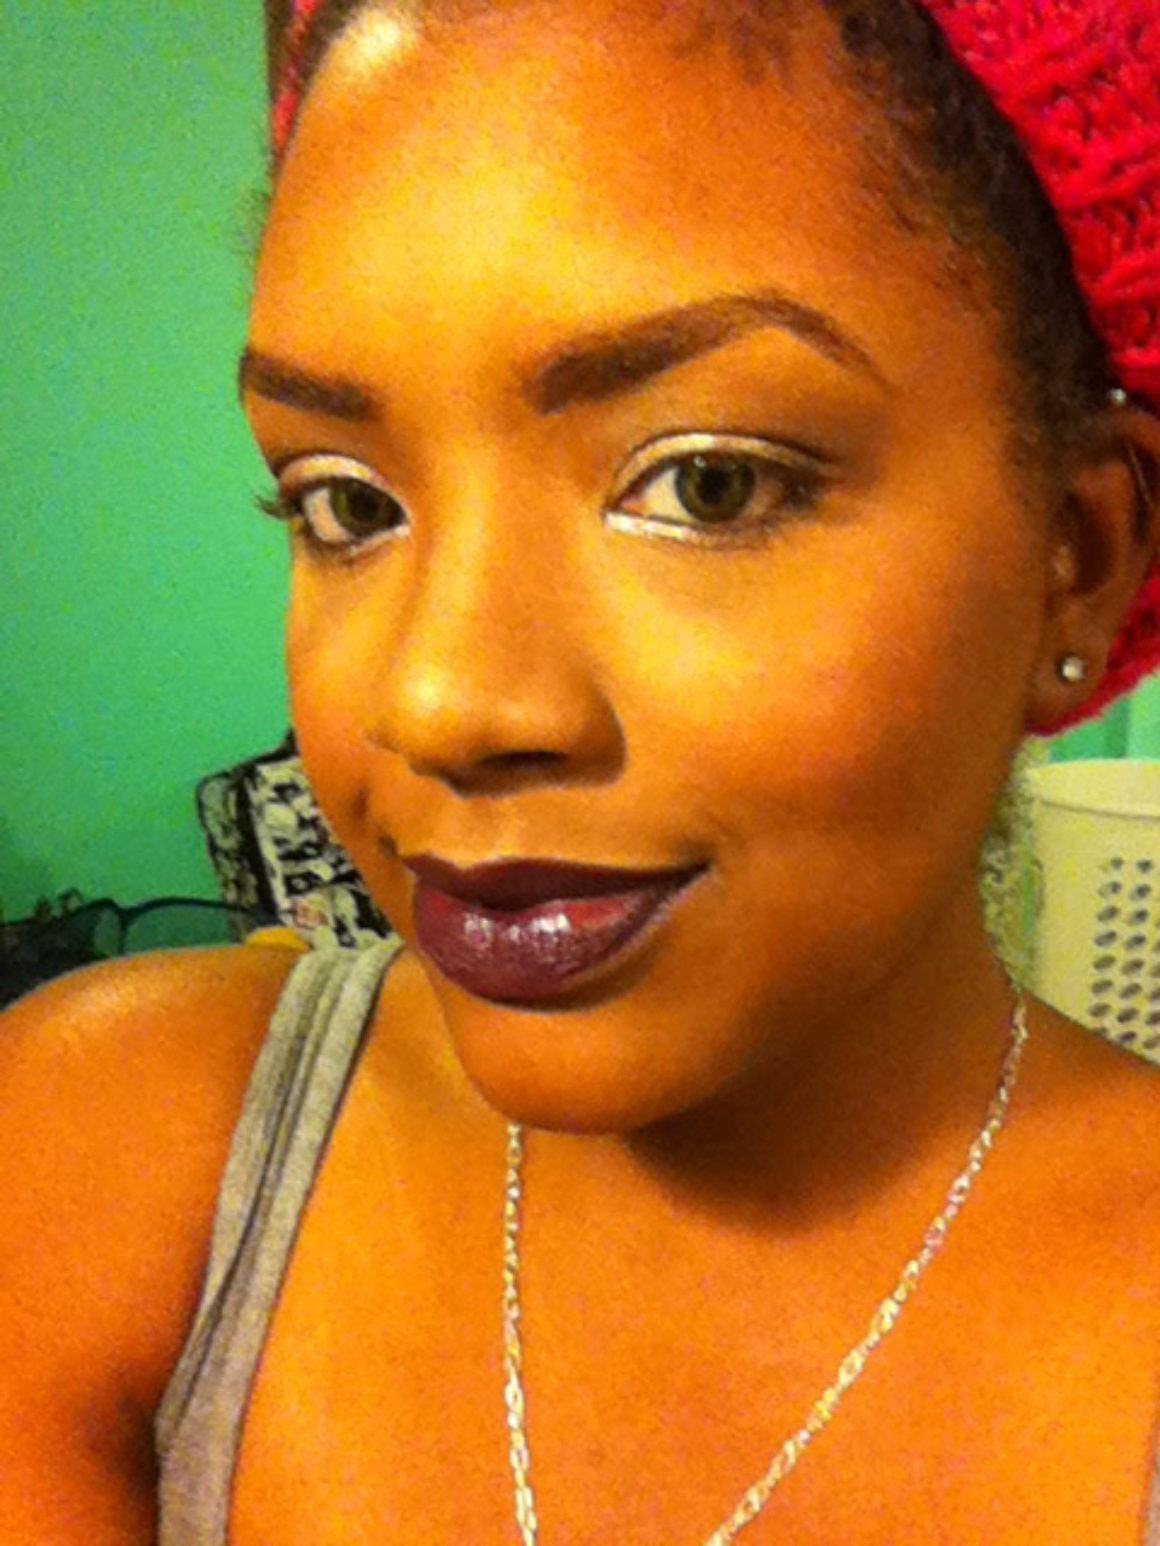 FOTD: Black Cherry Lips